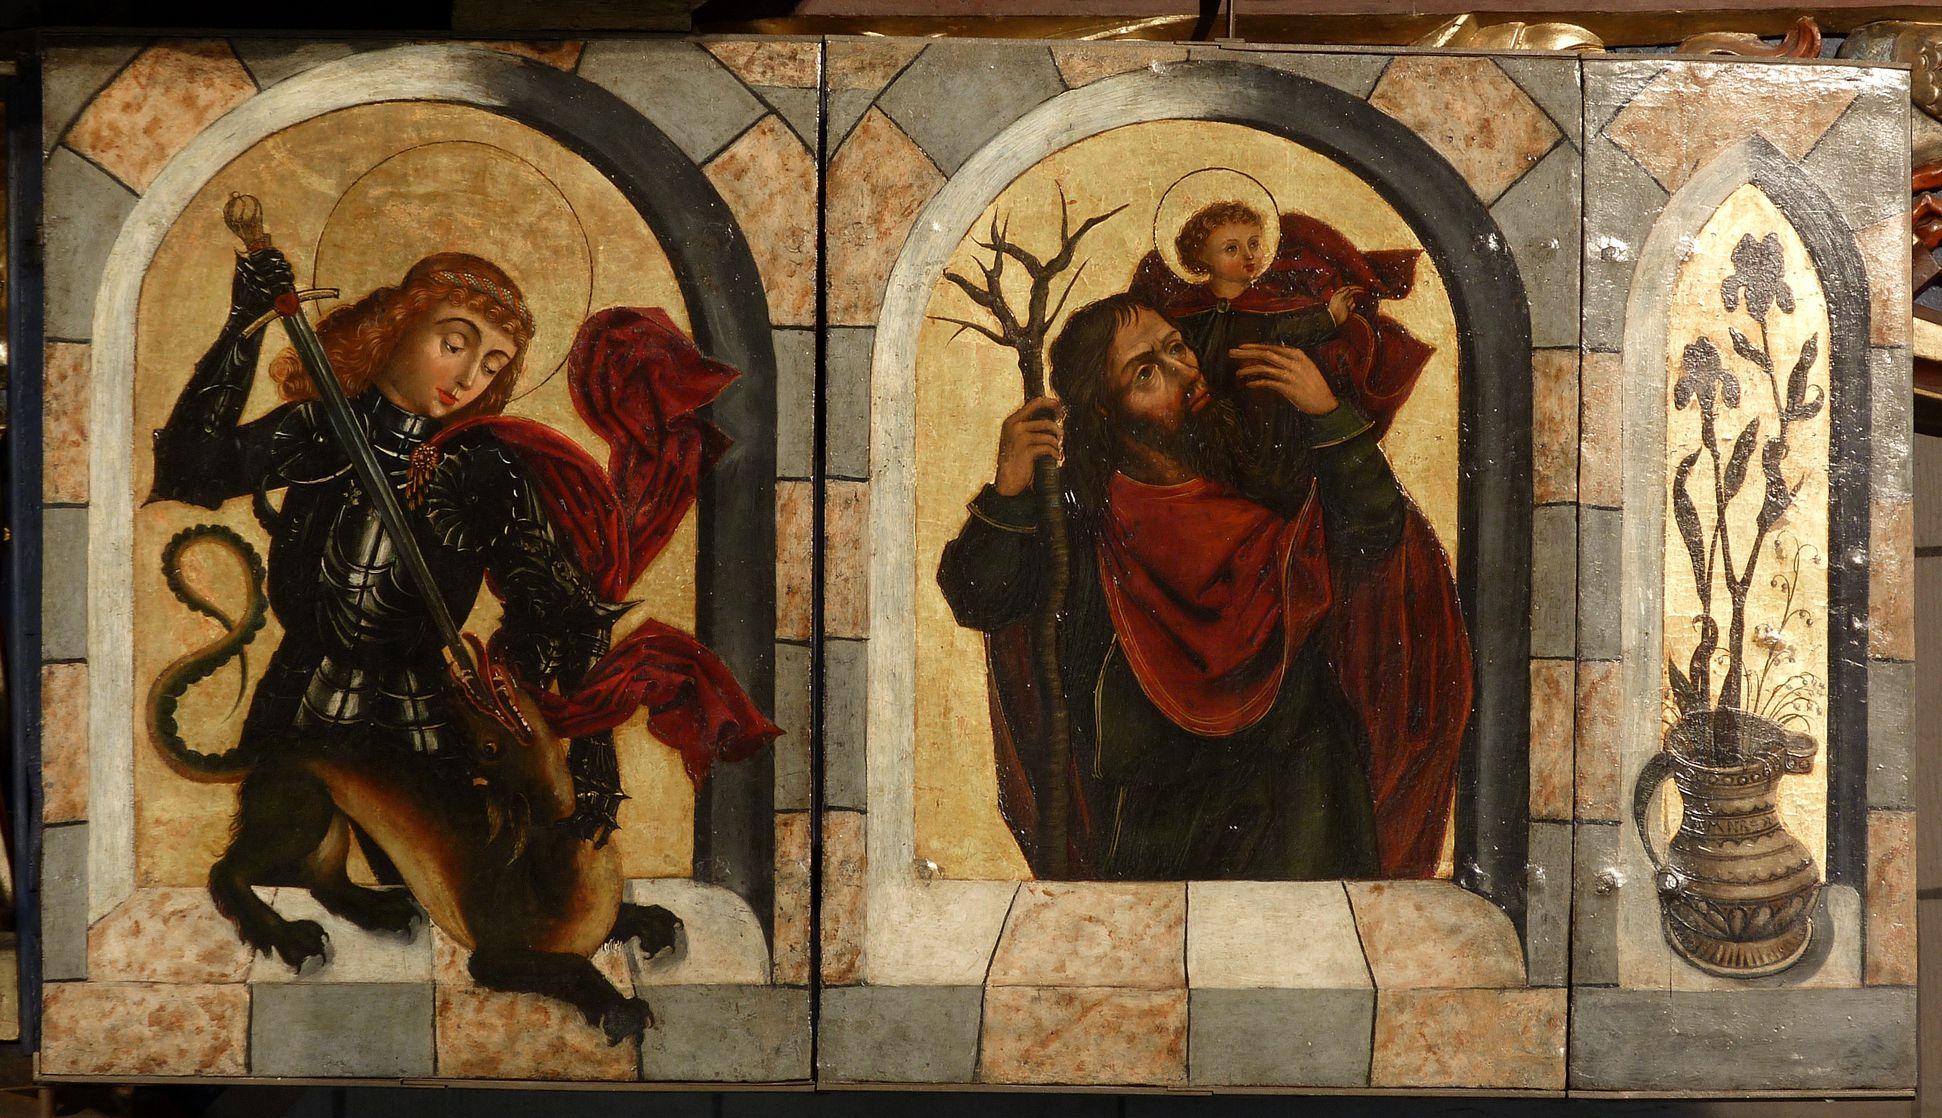 Zwickauer Hochaltarretabel Predella, aufgeklappter rechter Flügel, mit Georg und Christophorus